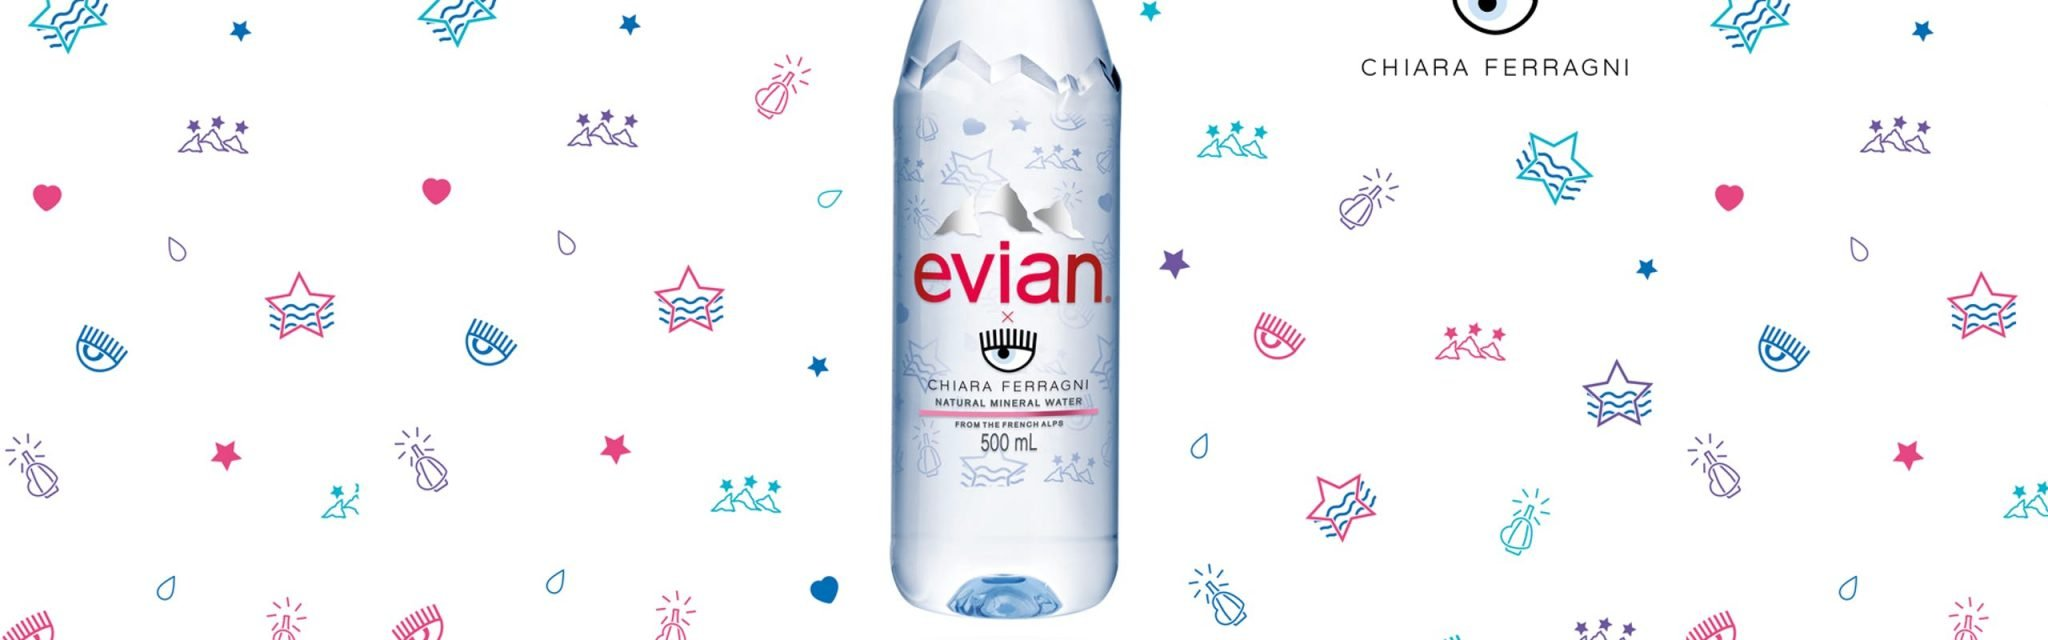 Il prezzo dell'acqua Evian di Chiara Ferragni vi farà passare la sete